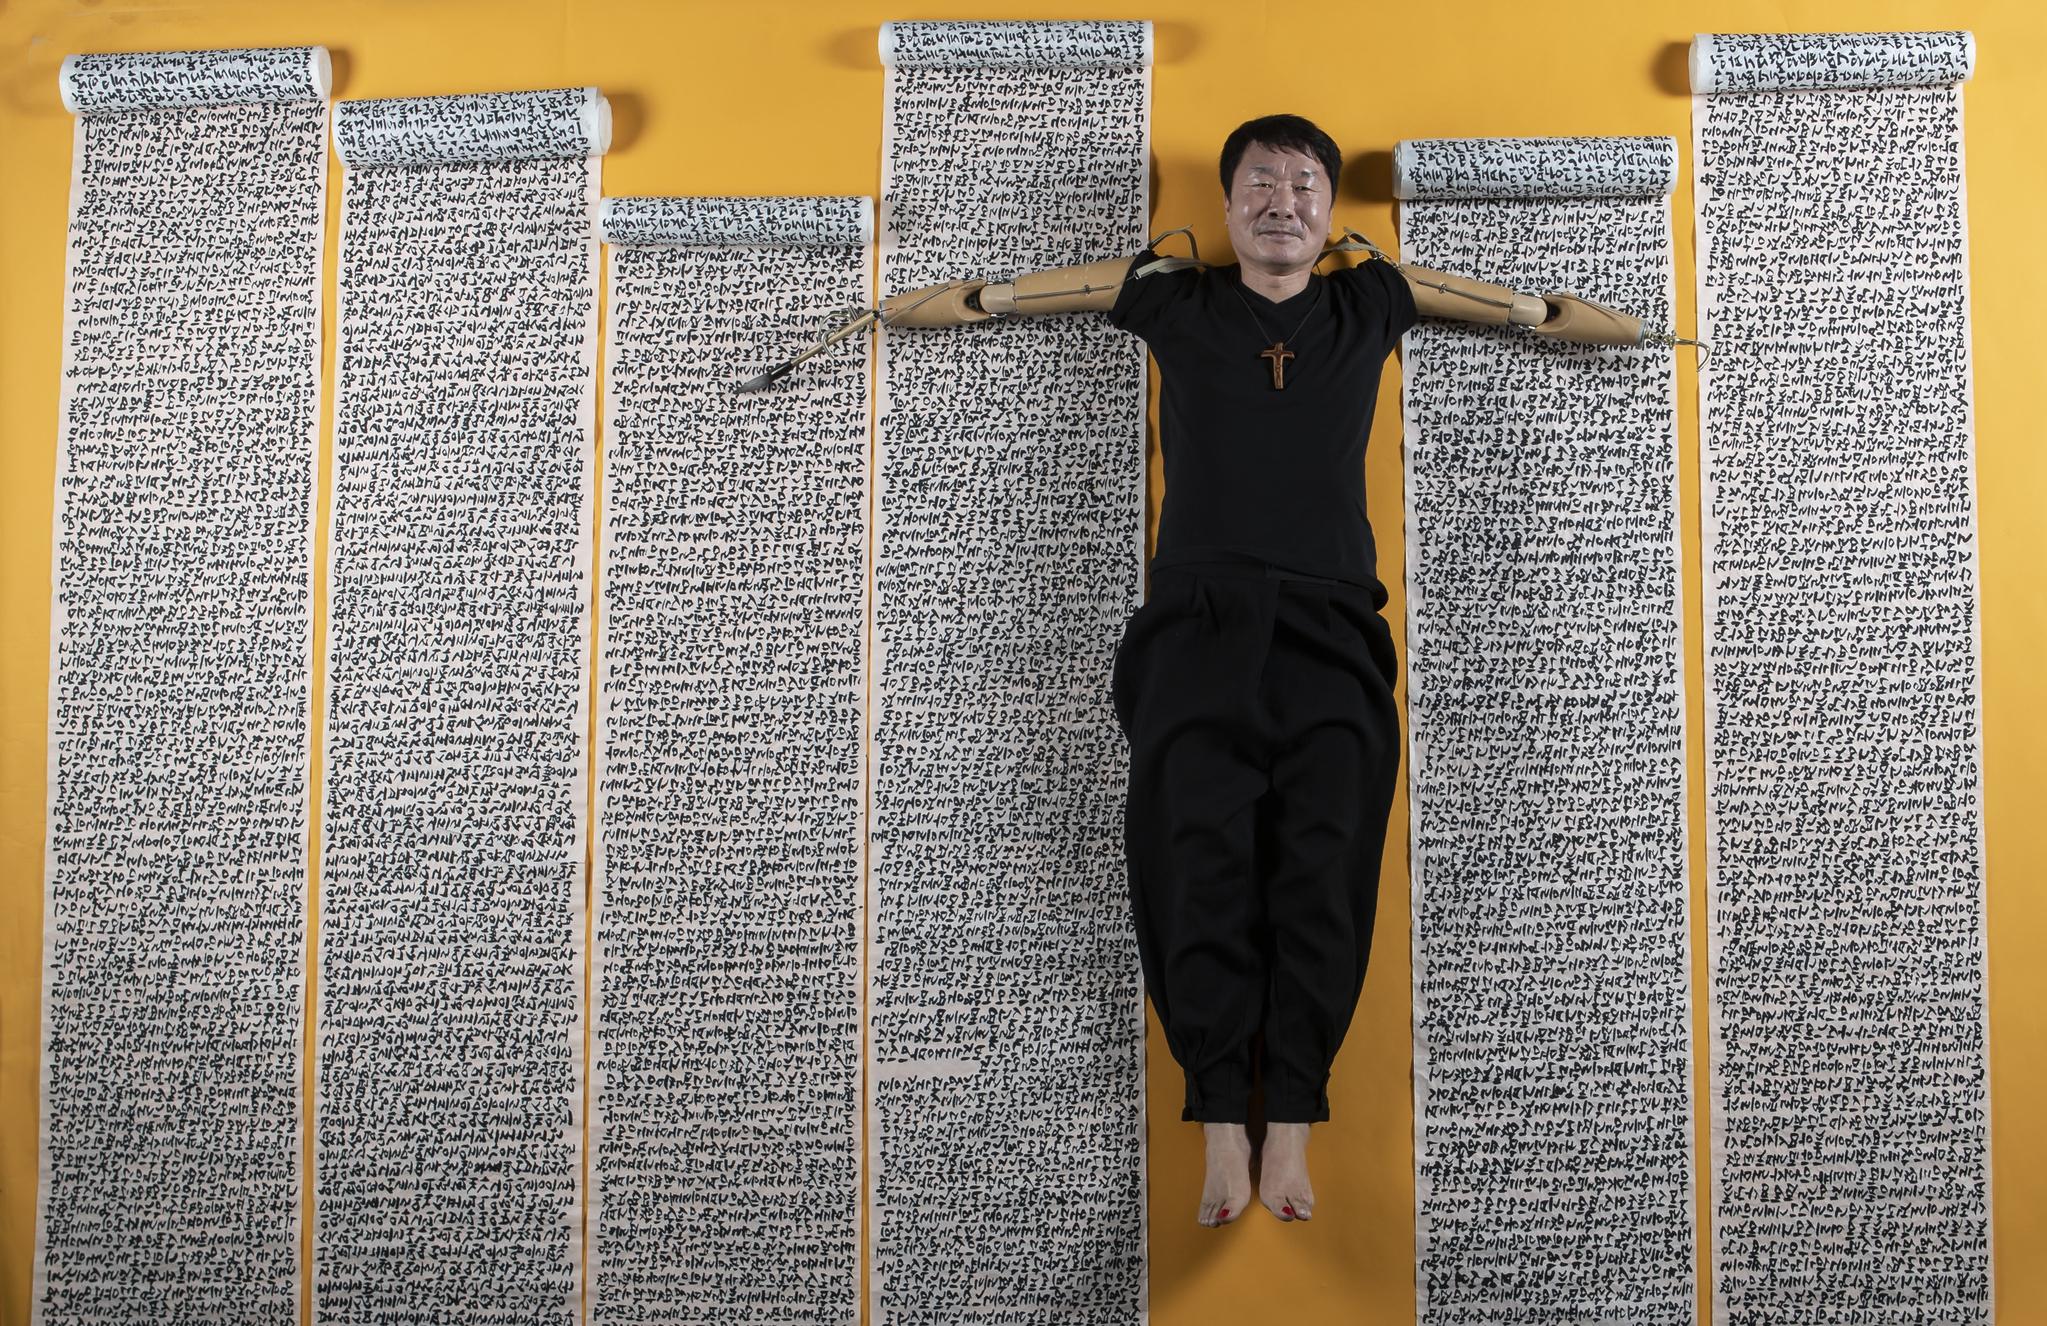 이렇게 찍은 사진을 보고, 양평 마재성당 최민우 신부가 '말씀이 사람이 되시다'라는 글을 보내왔다.